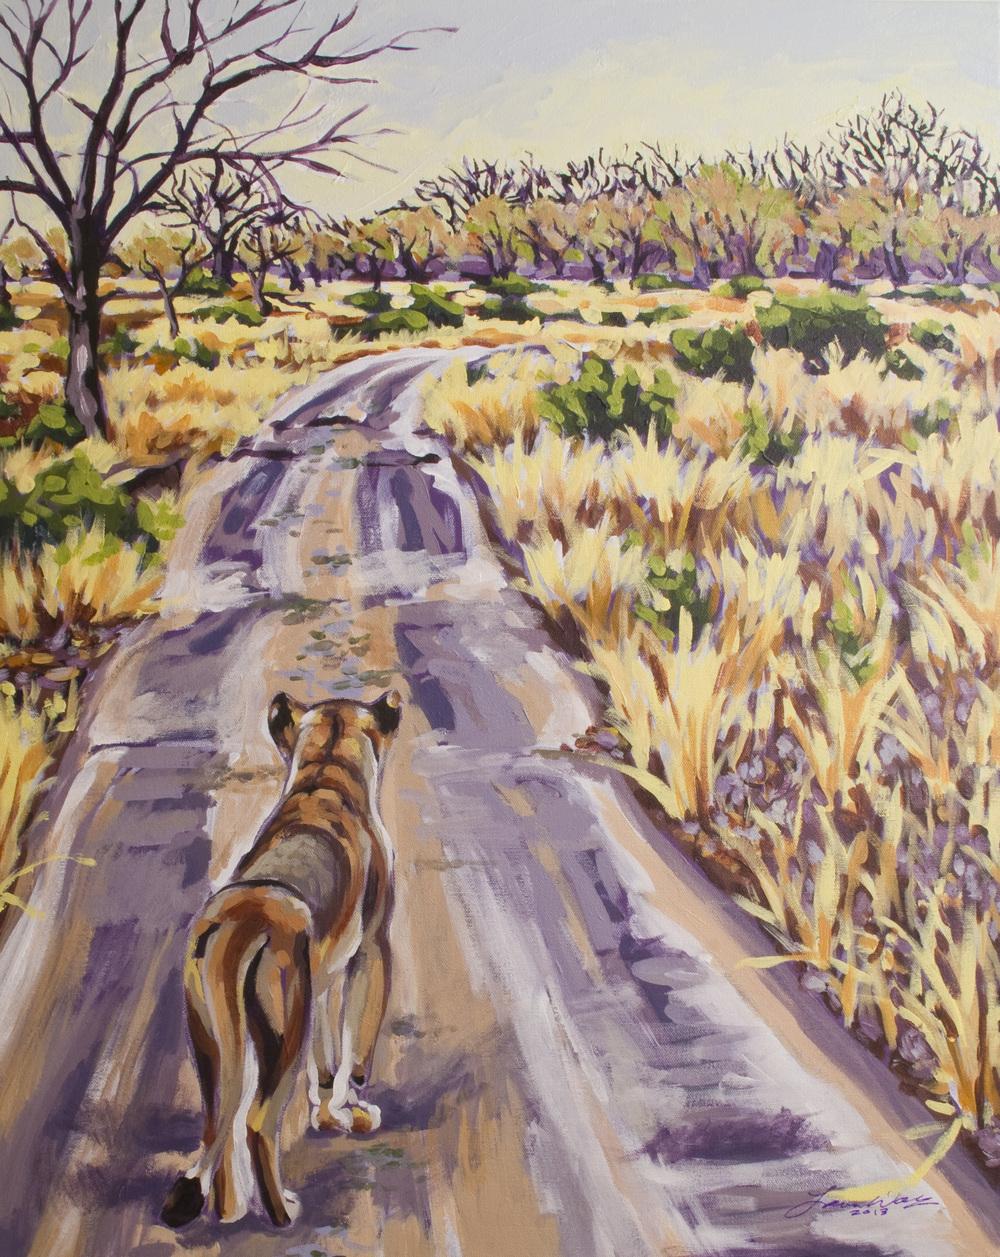 Lioness Landscape